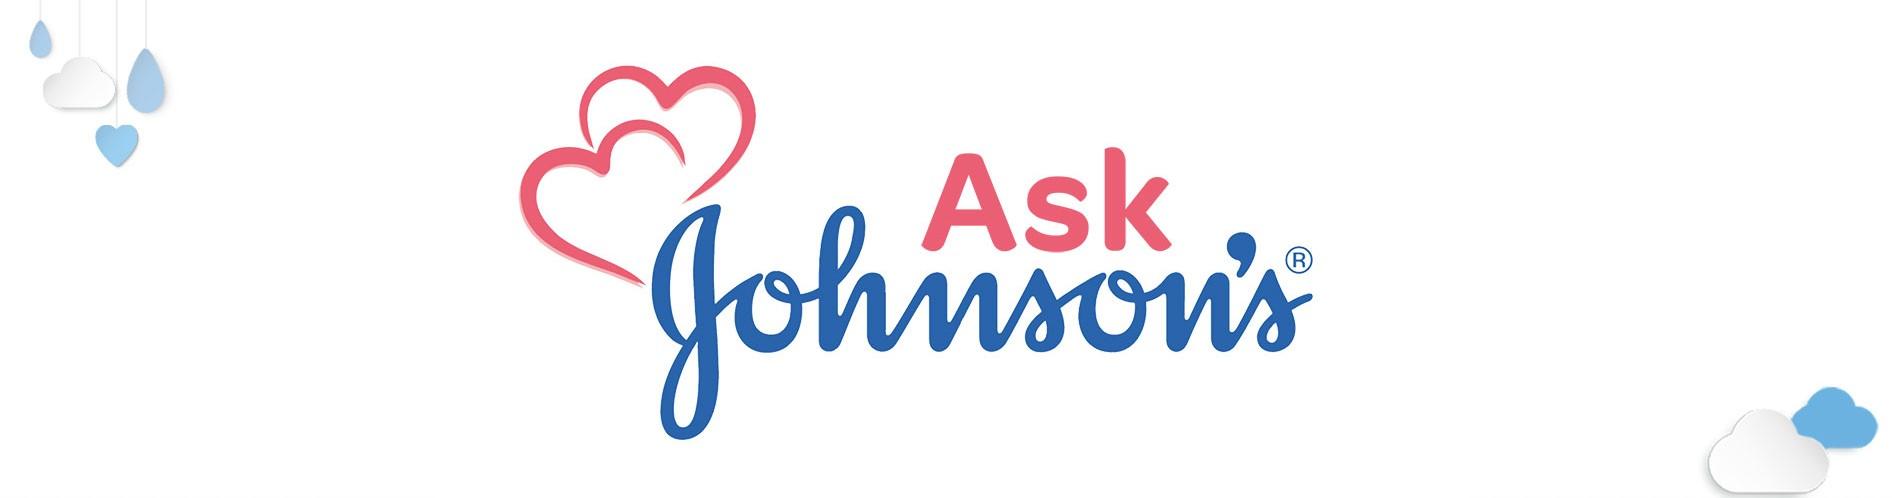 ask-johnsons-new-banner.jpg